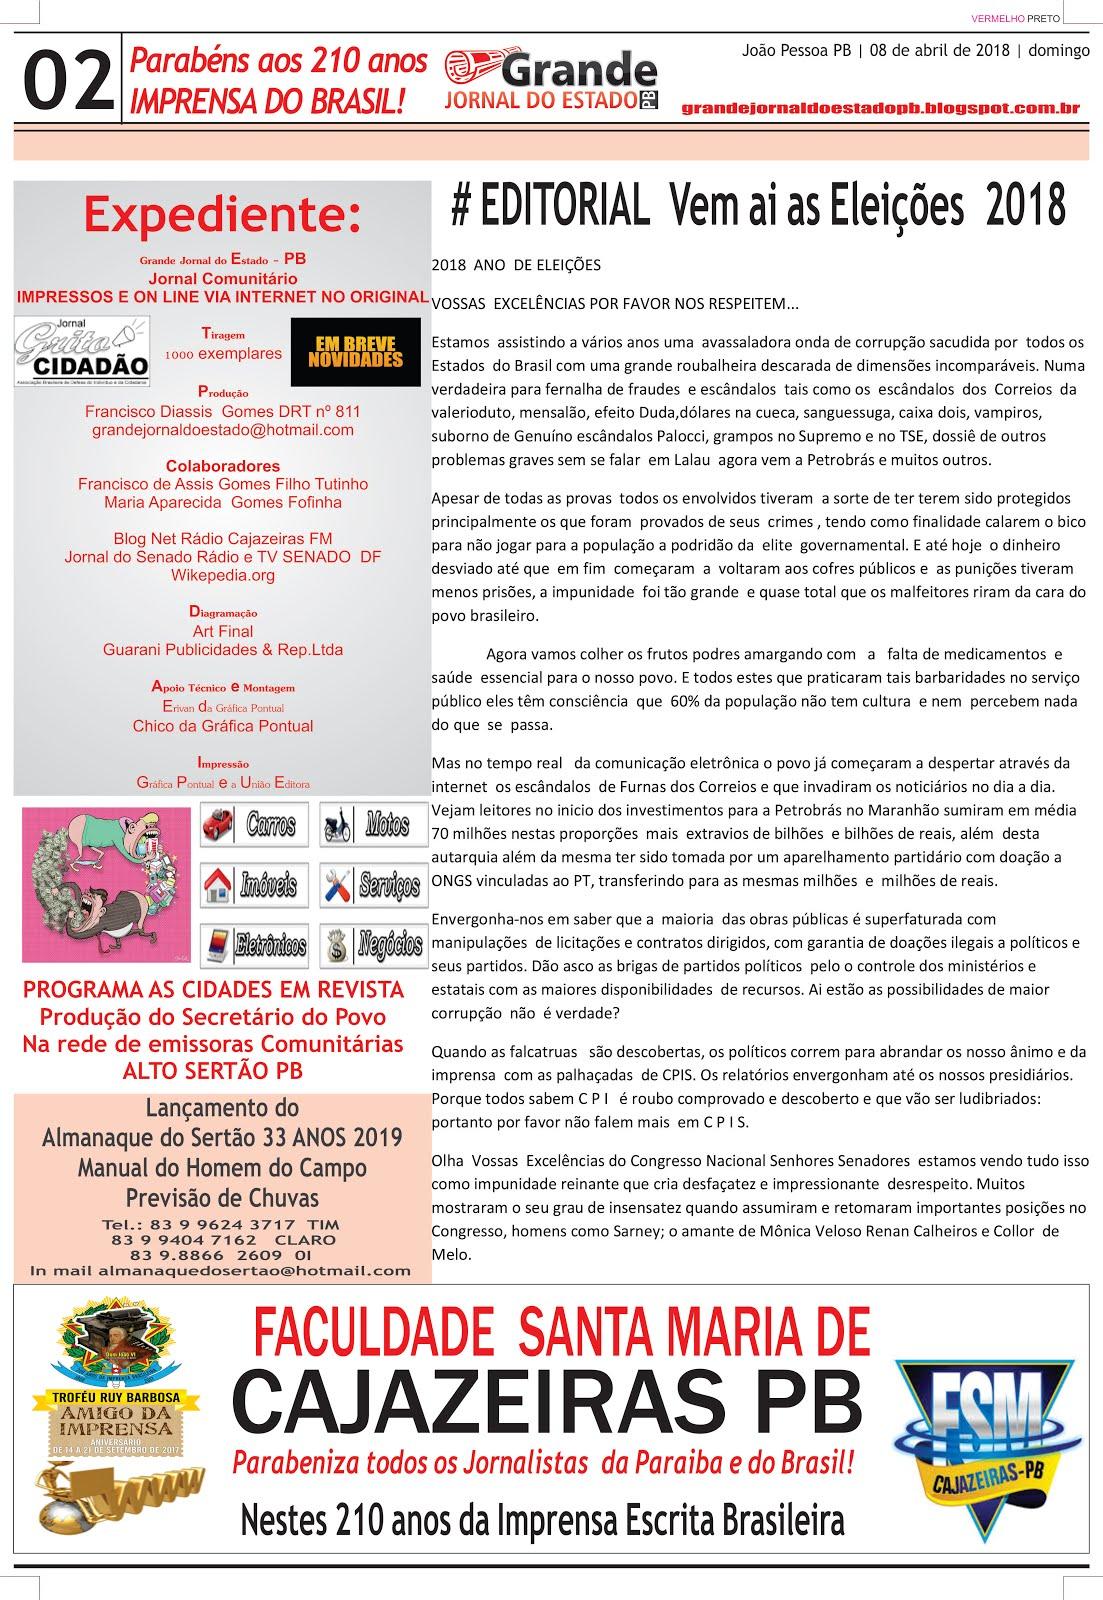 GRANDE JORNAL DO ESTADO ESPECIAL  DA COMEMORAÇÃO DA IMPRENSA ESCRITA  DO BRASIL